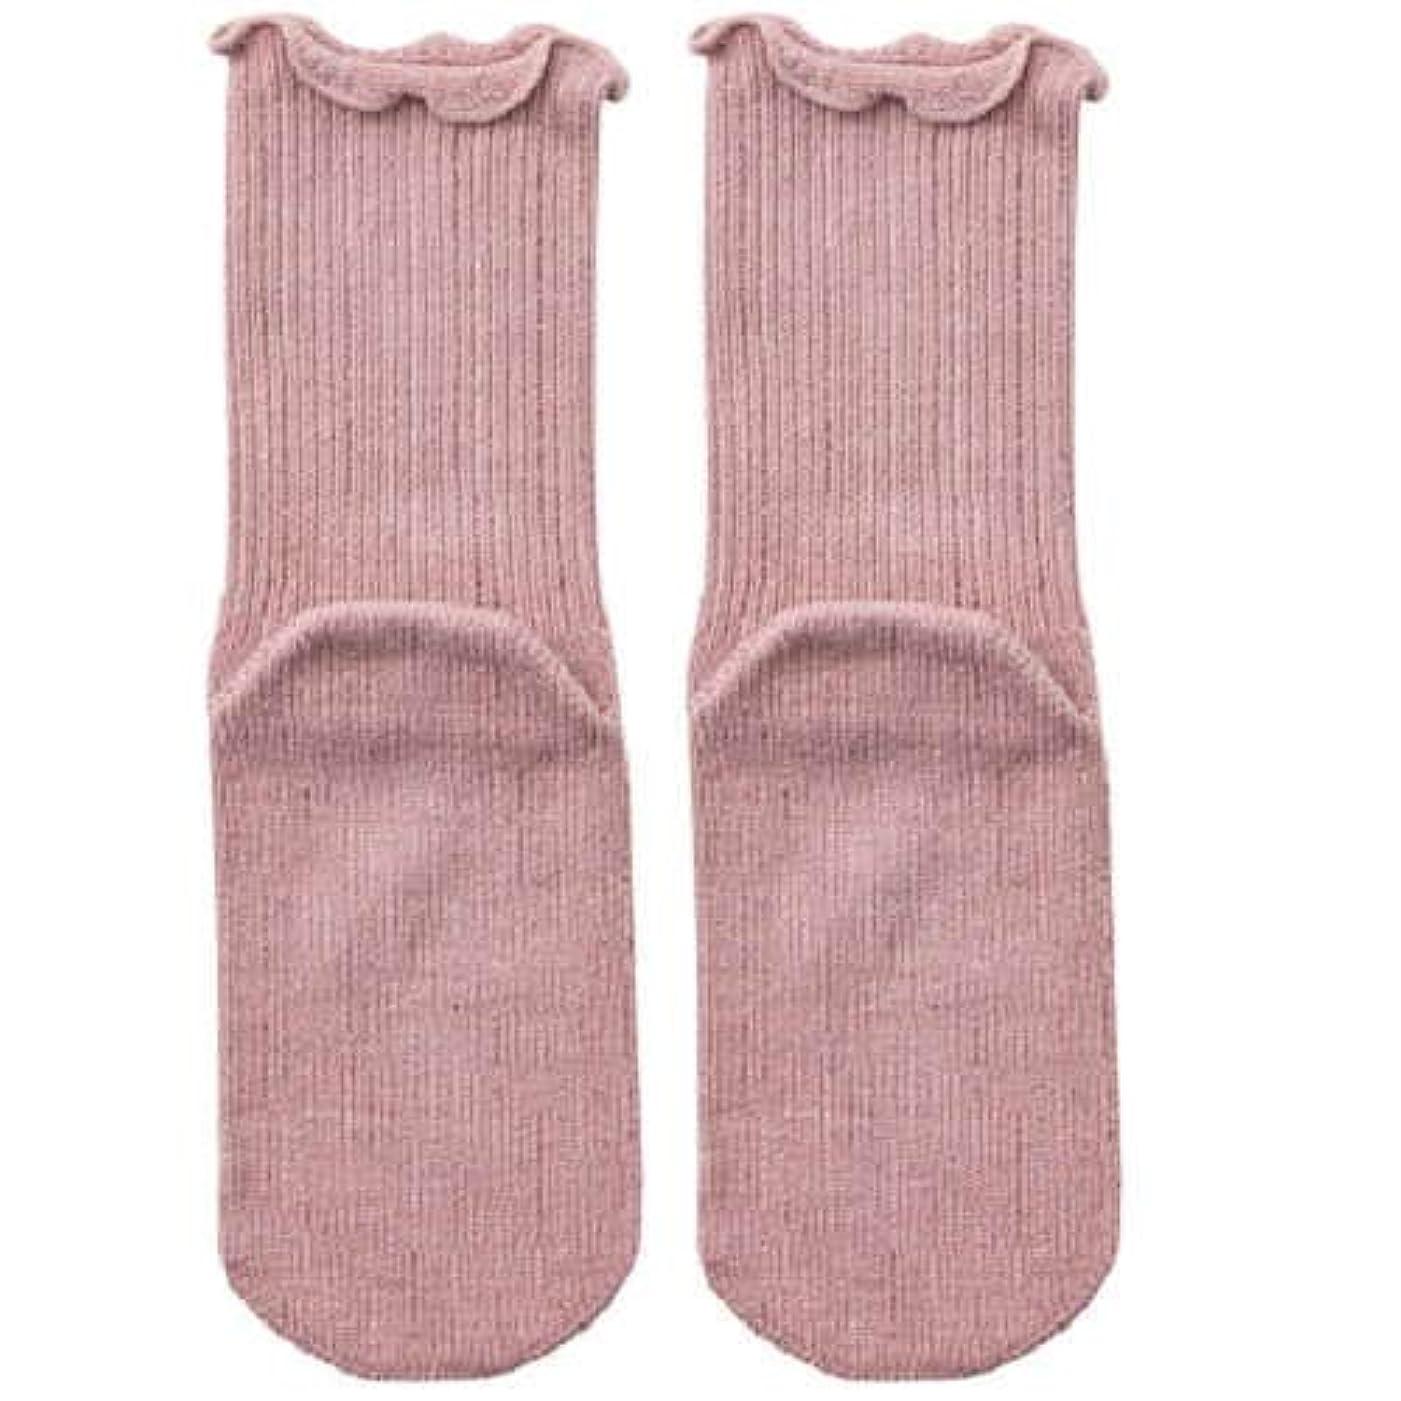 デジタル数指定する【むくみ】【骨折】 男女兼用 極上しめつけません 特大サイズ 靴下 (ローズ)